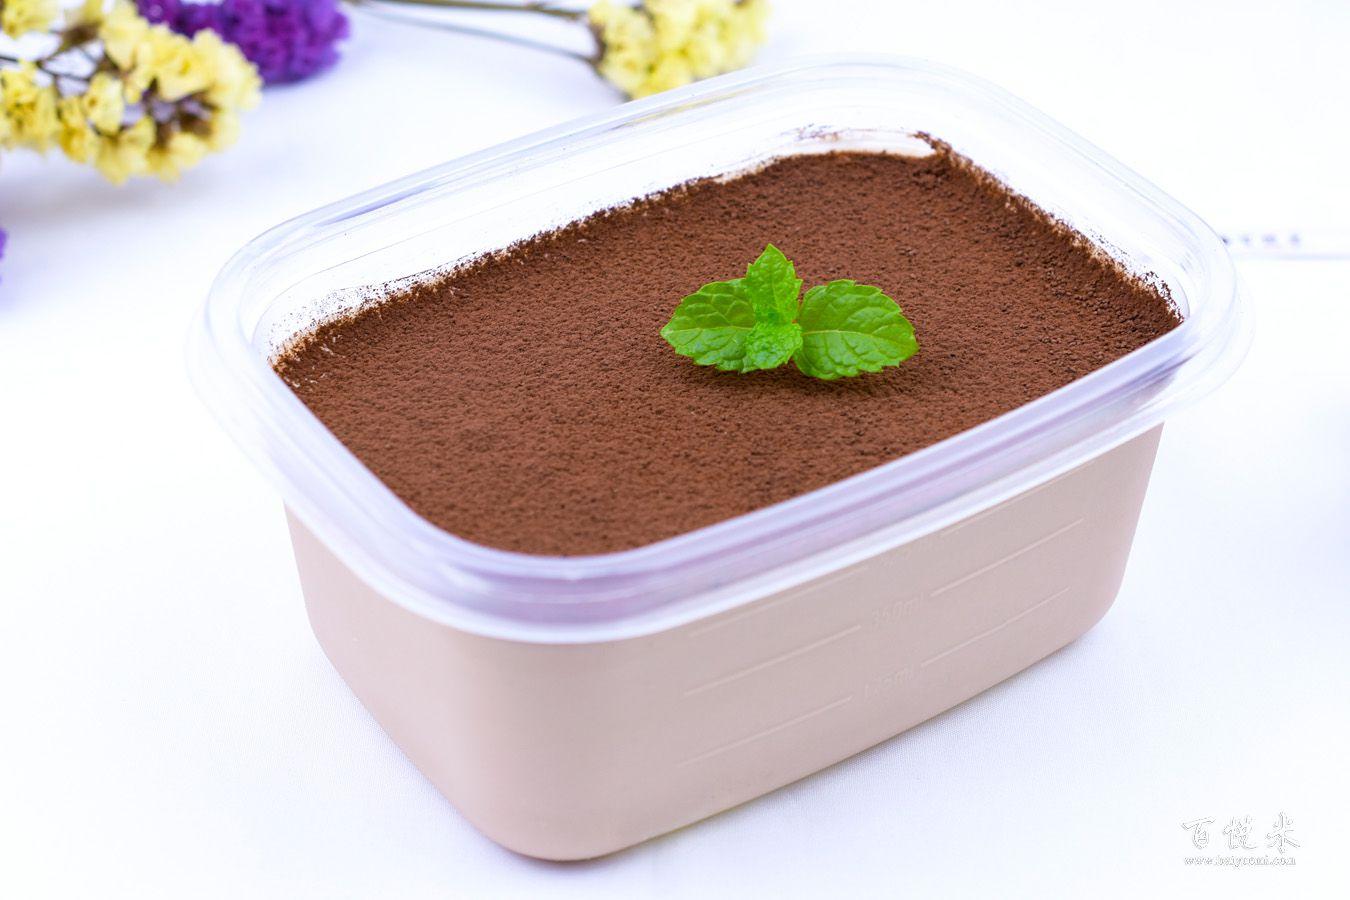 提拉米苏的做法大全,提拉米苏蛋糕培训图文教程详解